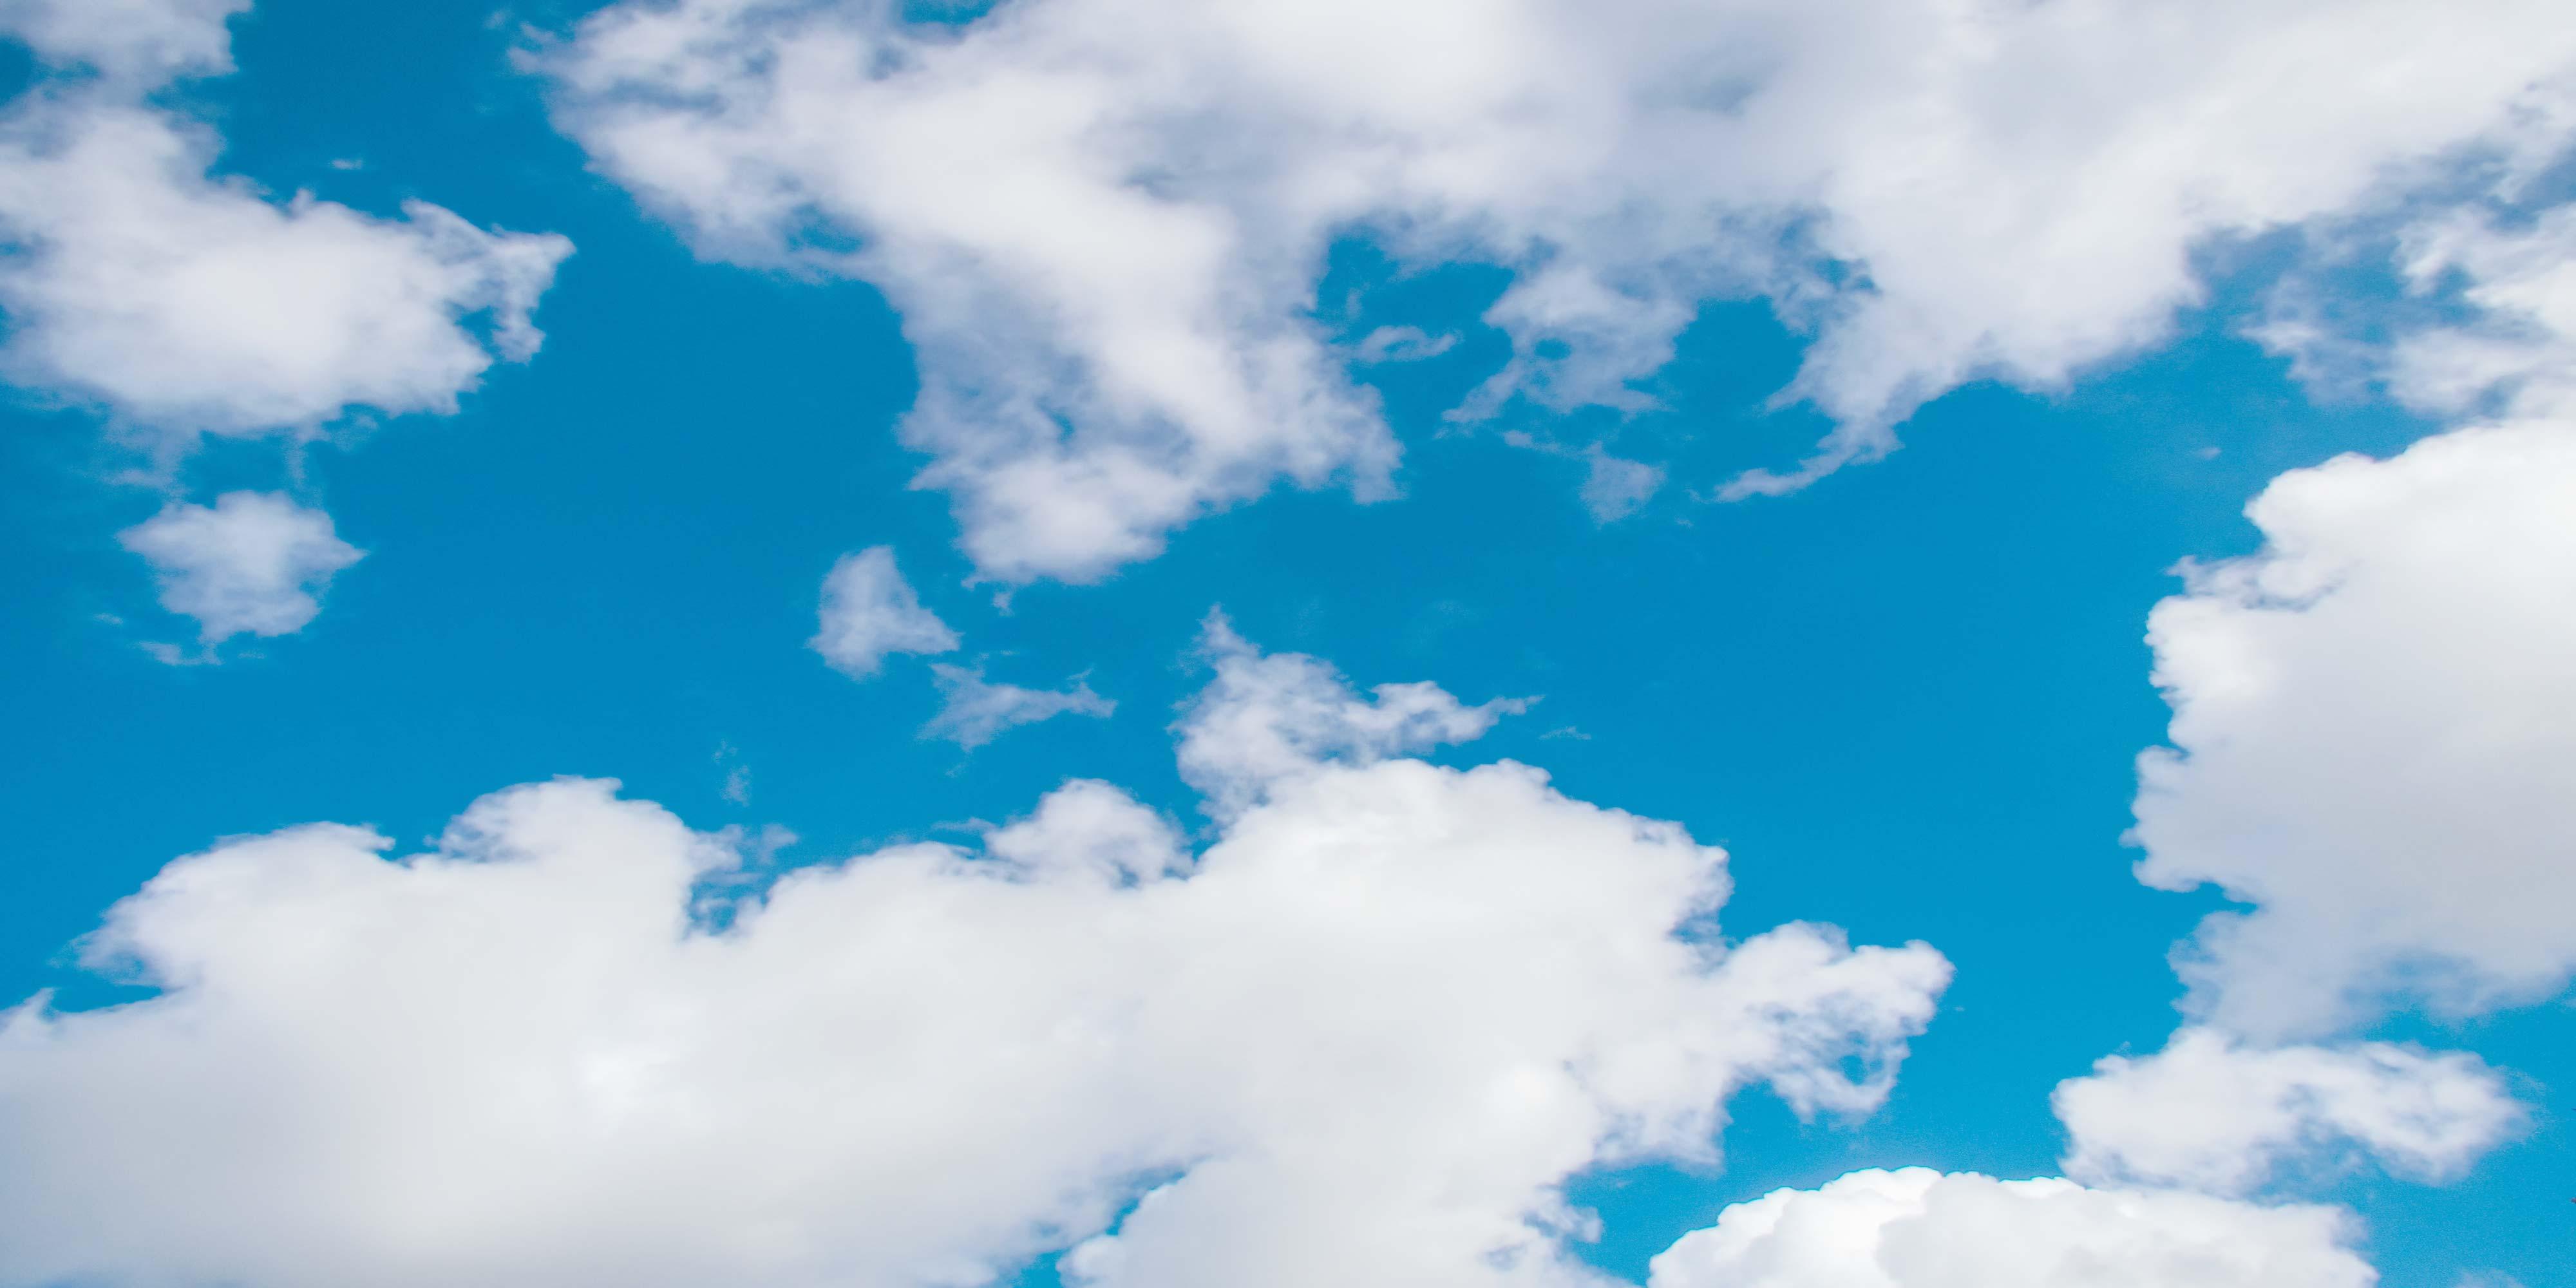 Cloud Wallpaper 4000x2000